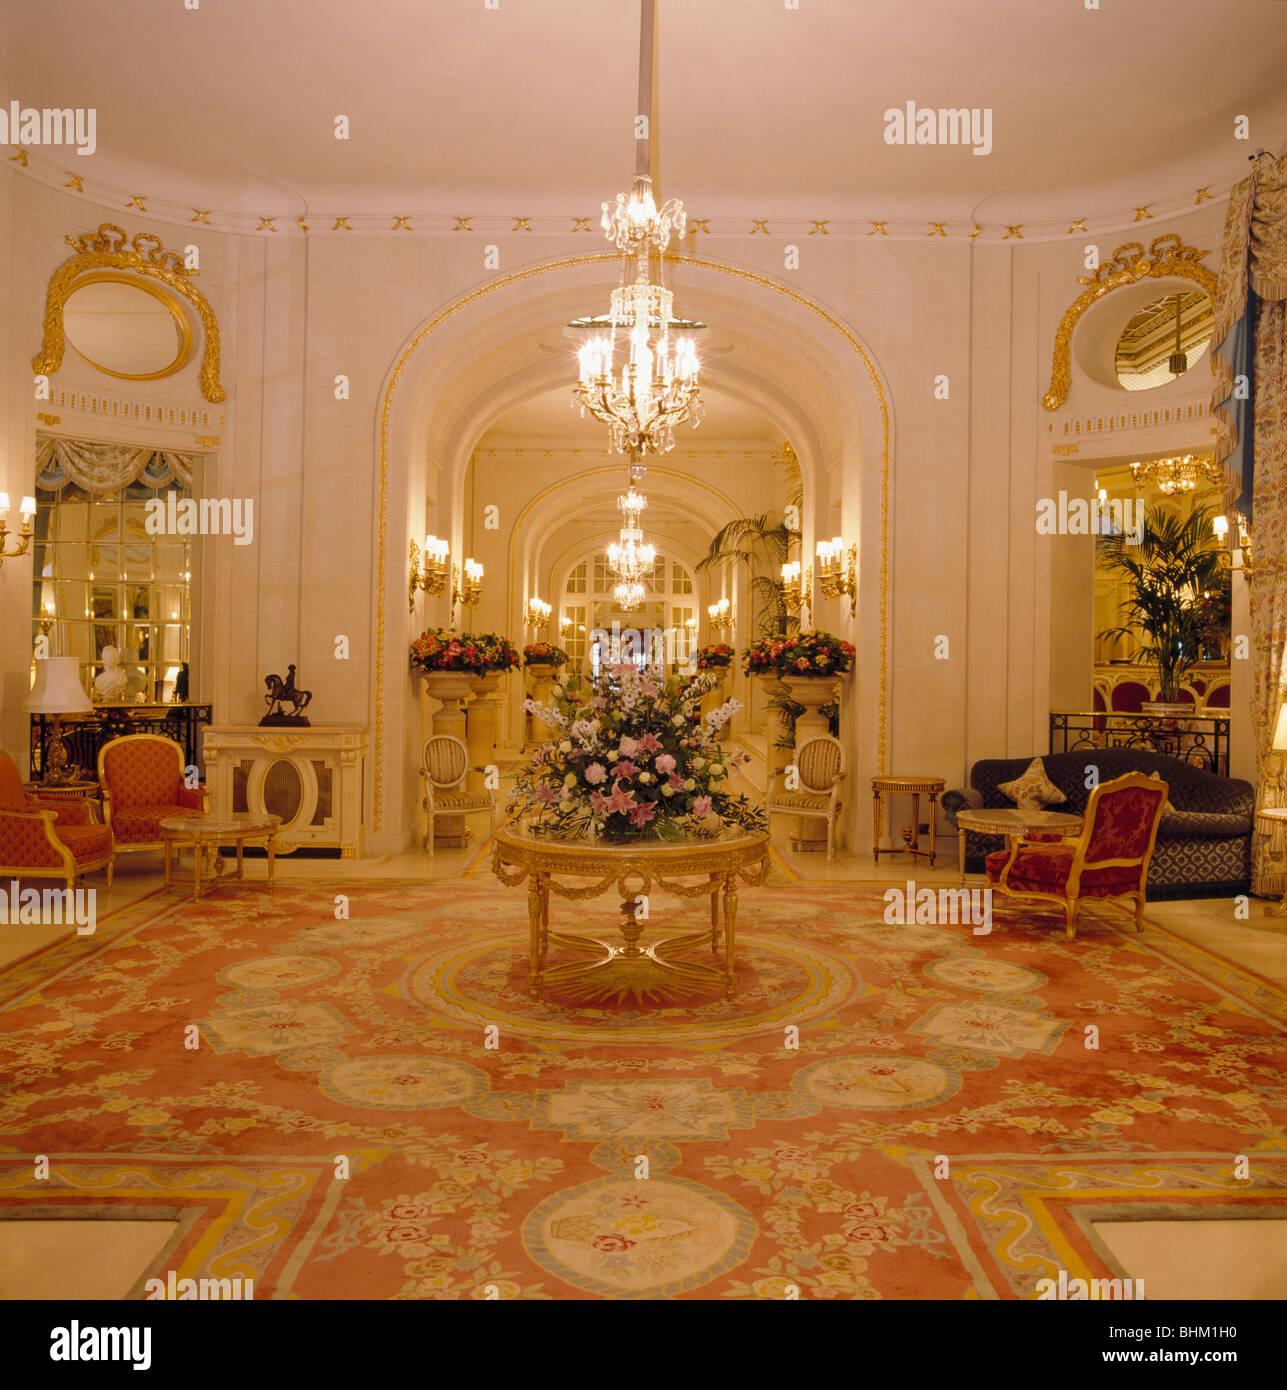 Beleuchtete Kronleuchter über Dem Runden Tisch Im Foyer Der Großen  Traditionellen Hotels Mit Gemusterten Teppich